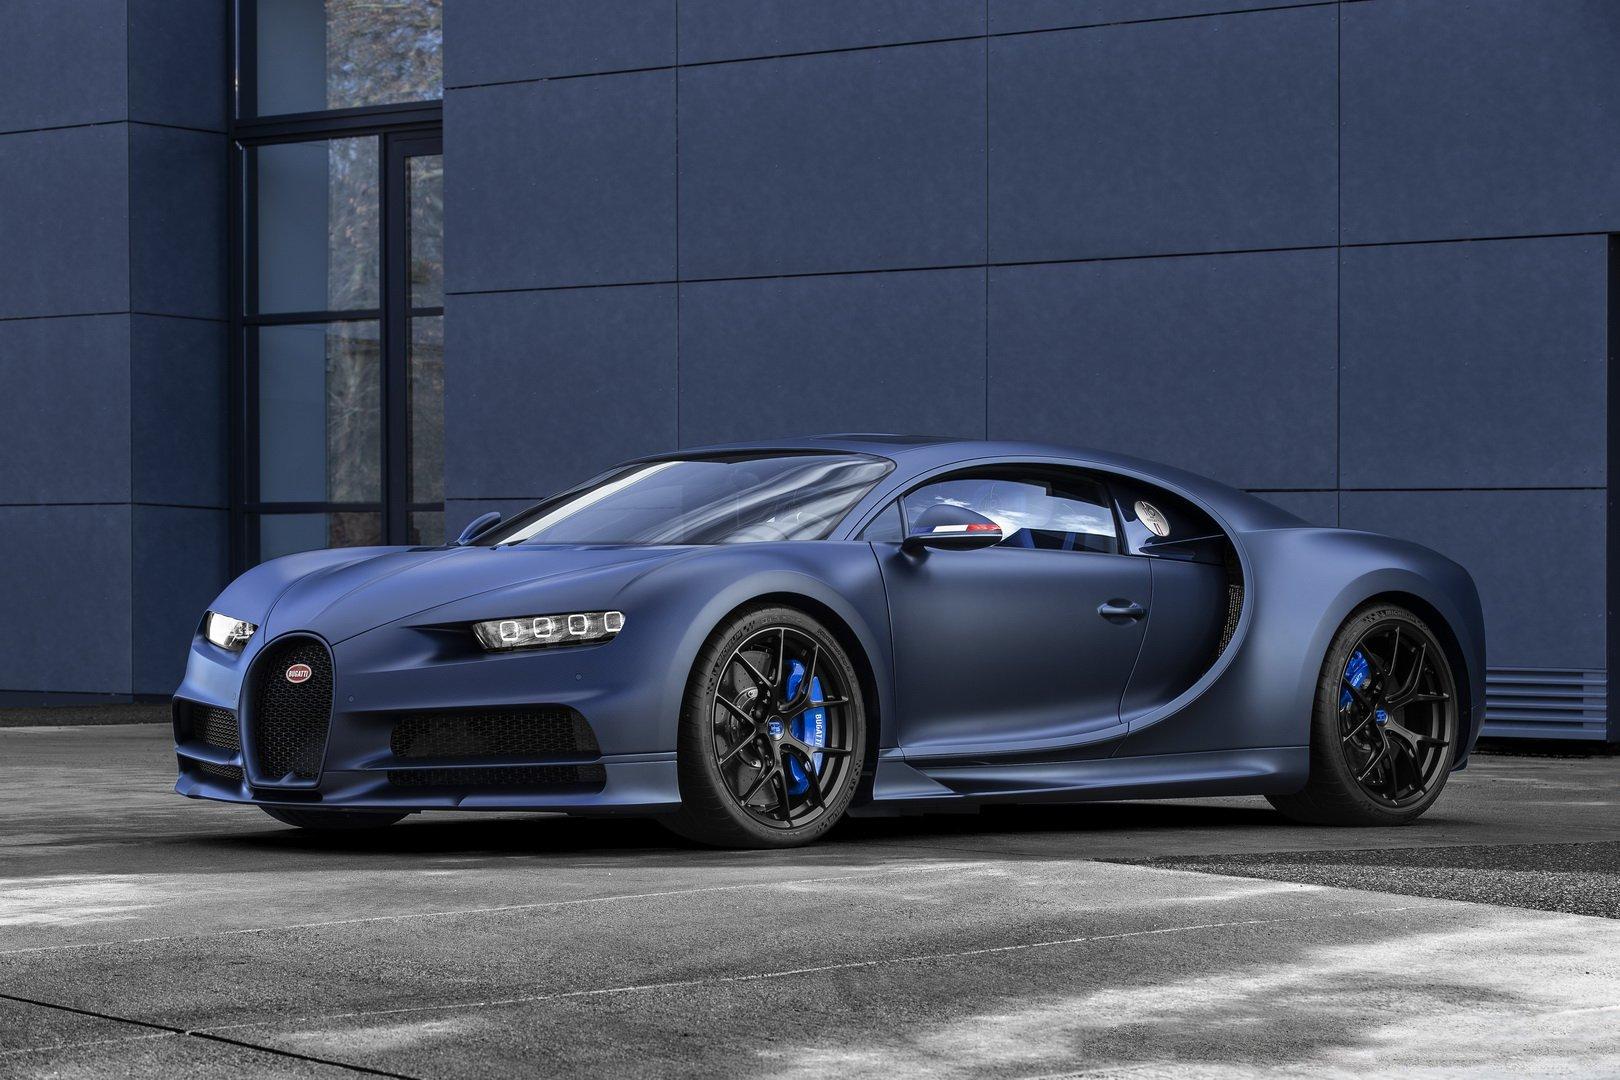 Siêu xe Bugatti Chiron Sport bản đặc biệt mang màu xanh huyền bí